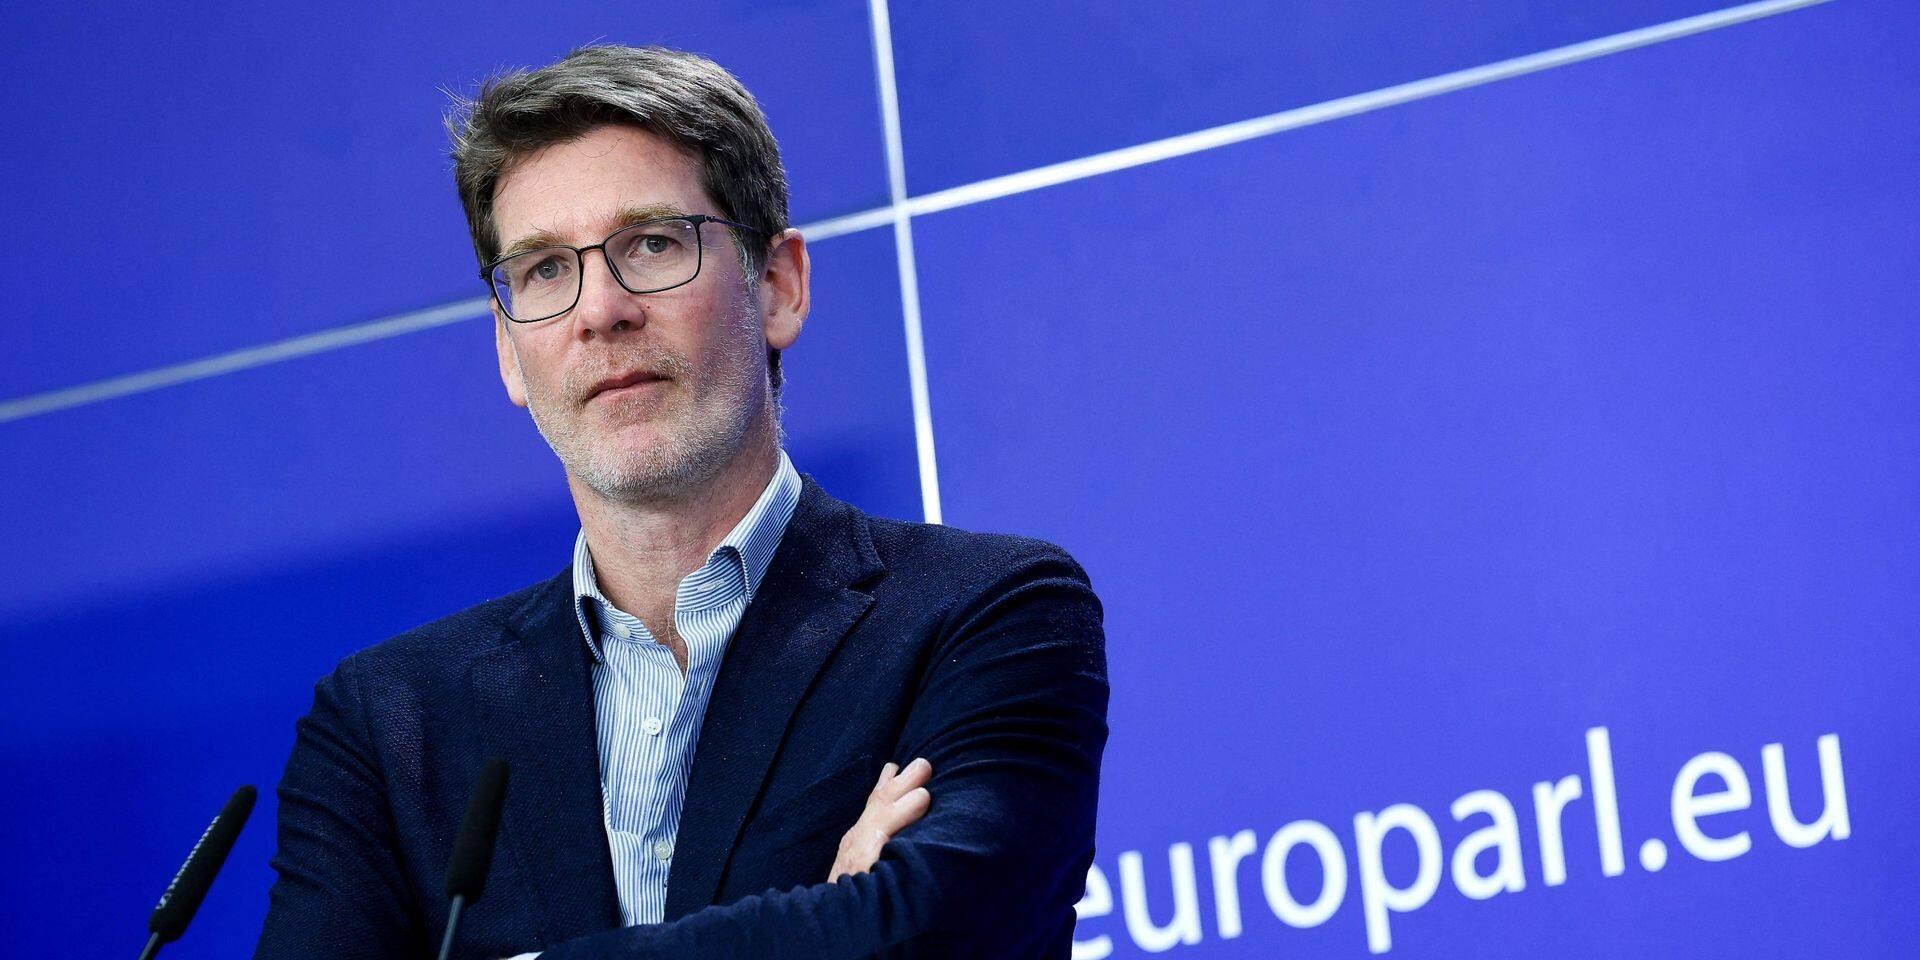 Le Green Deal amène le modèle économique européen à un point de bascule, selon Pascal Canfin